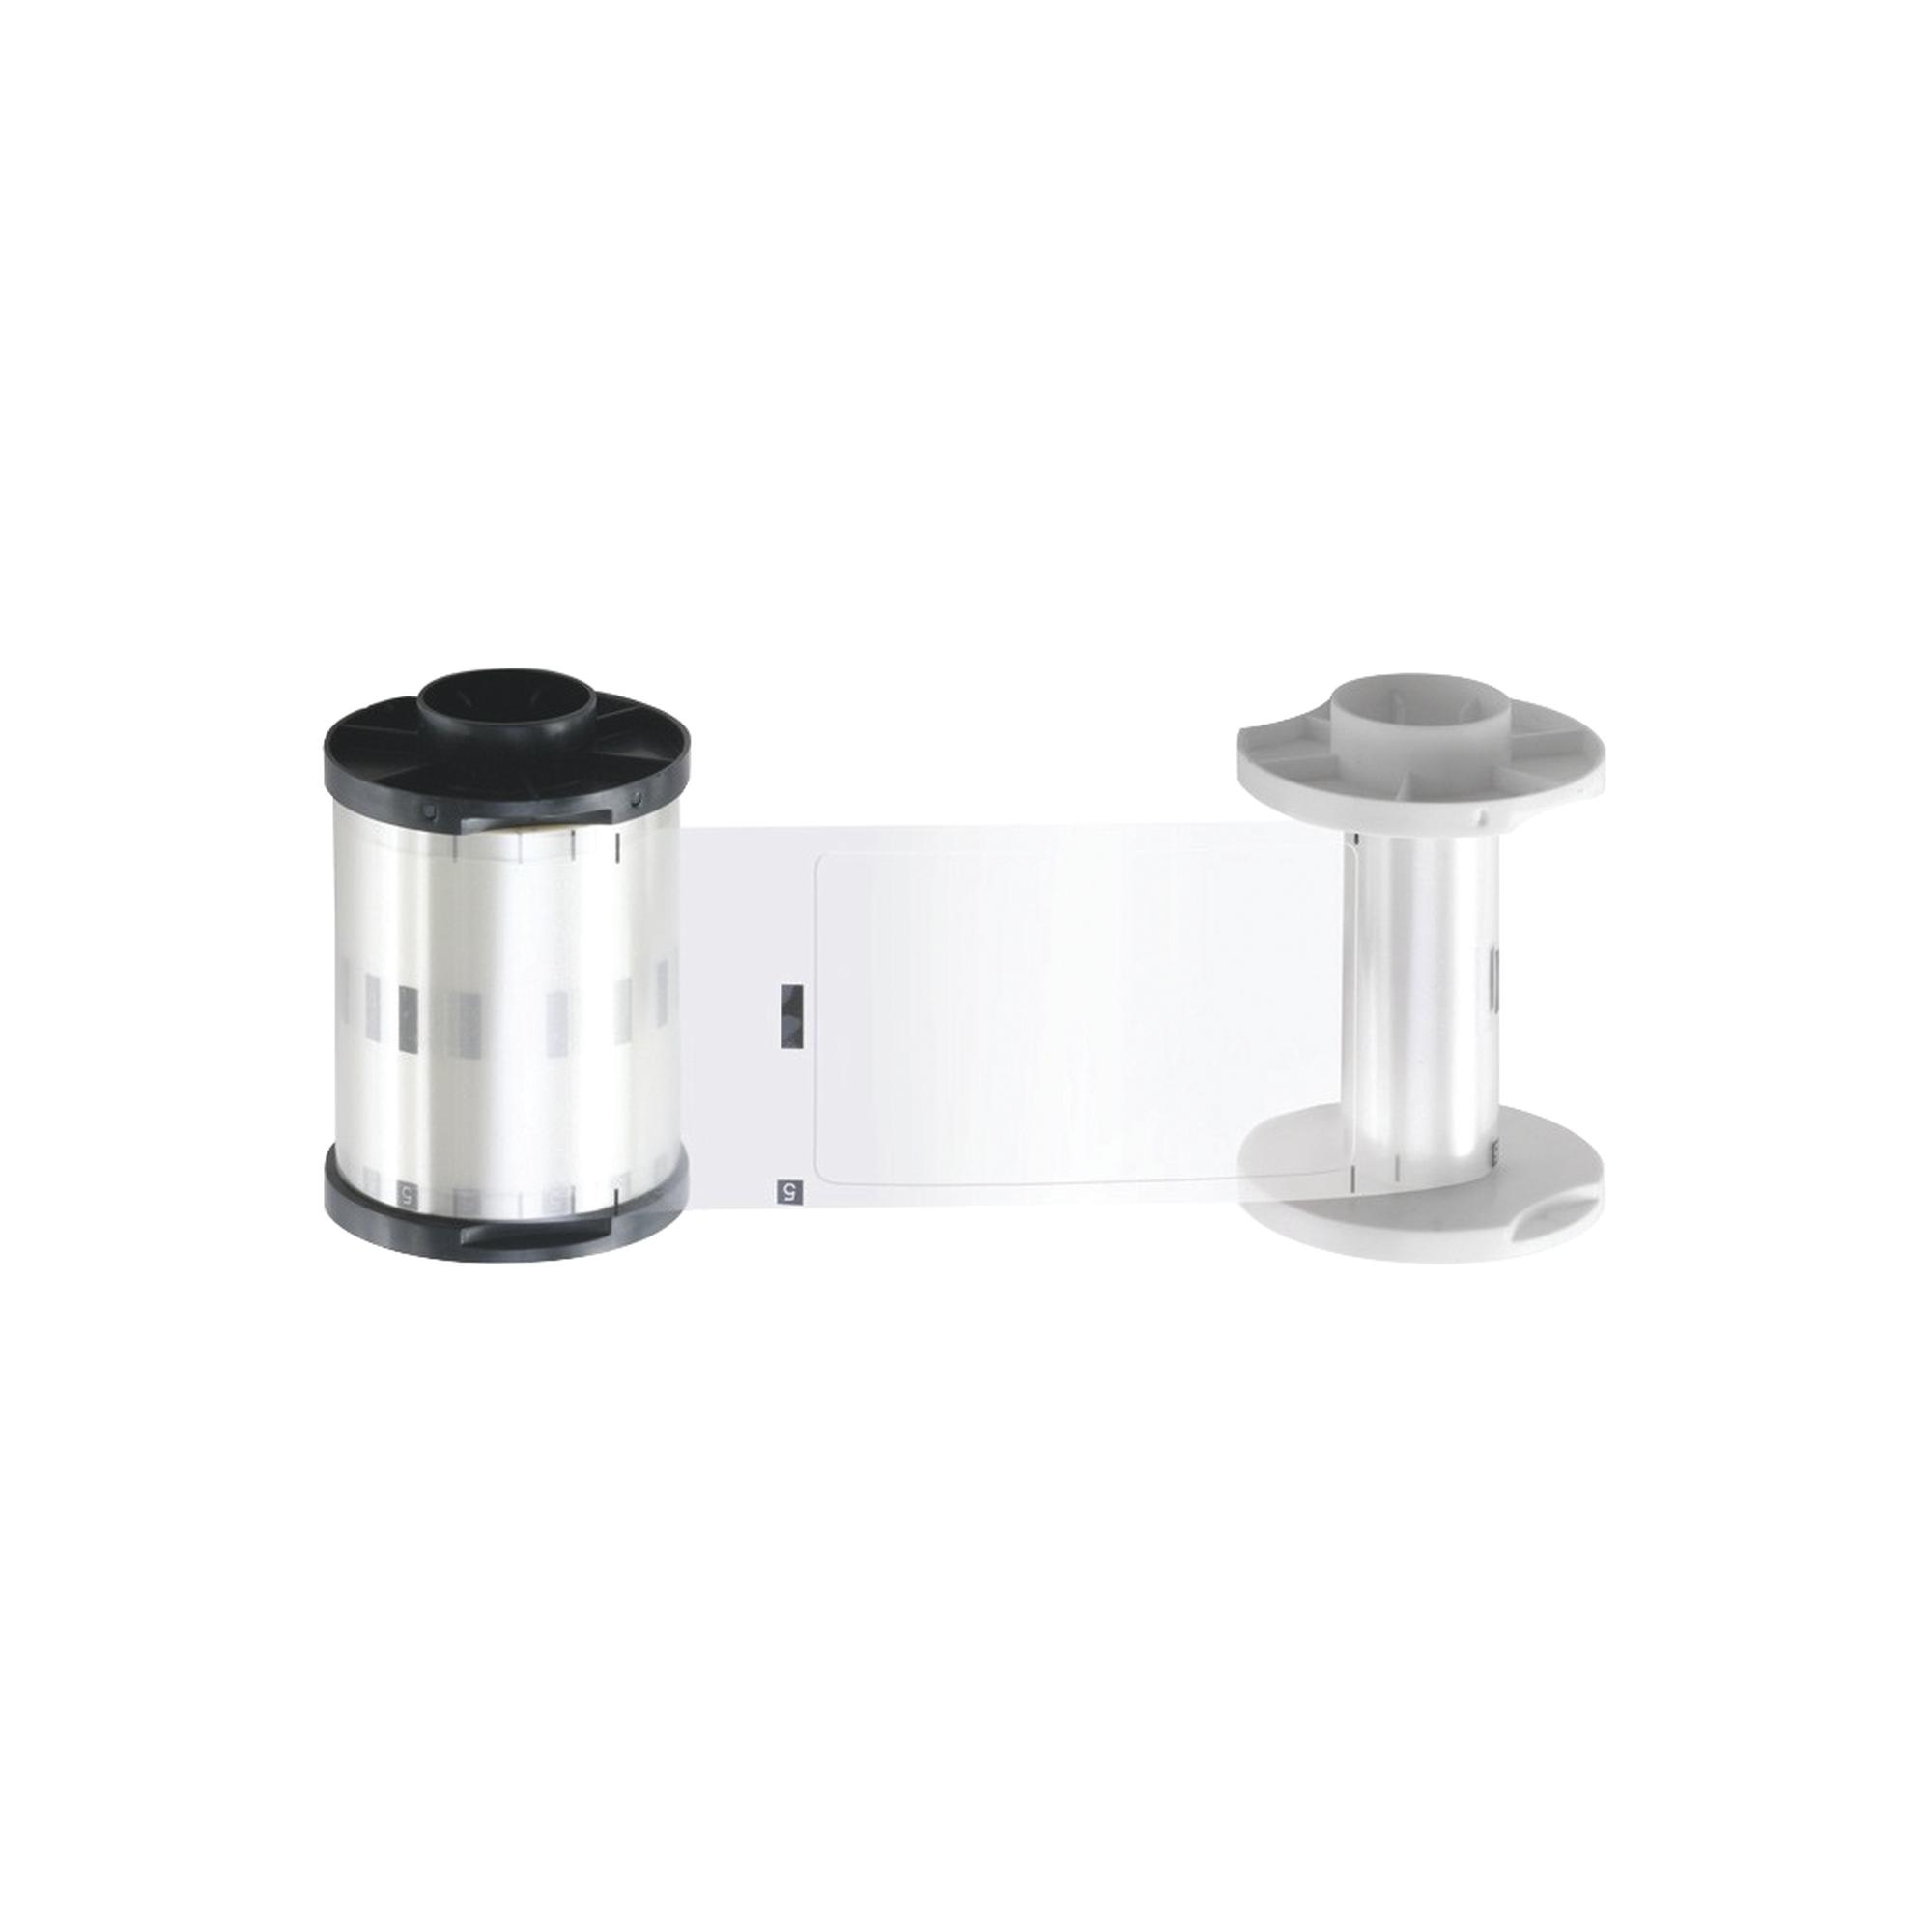 Cinta de laminacion TRANSPARENTE 1.0 mil para HDP5000 con laminacion / Capacidad de 250 laminados por un solo lado.